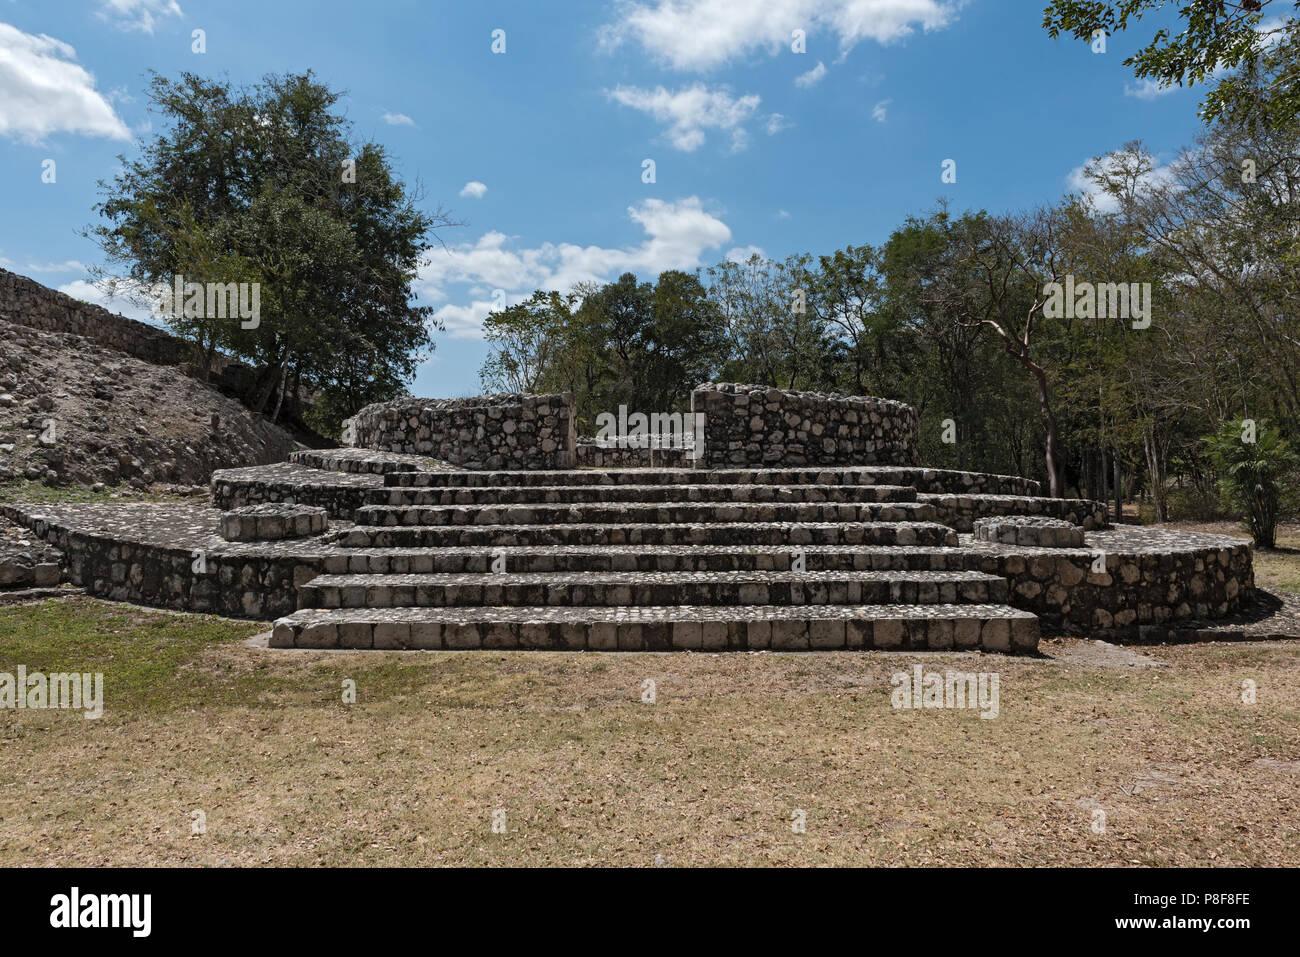 Ruines de l'ancienne ville maya de Edzna près de Campeche, Mexique. Photo Stock